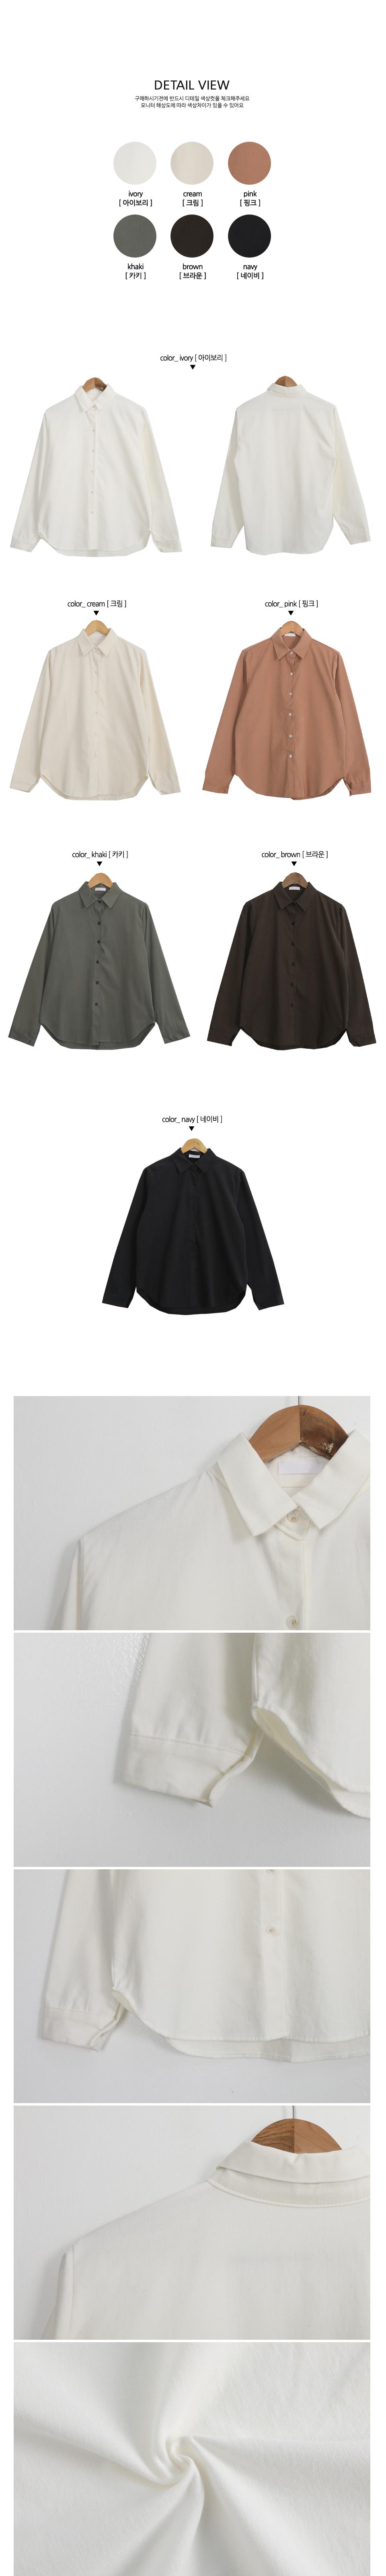 Bering brushed shirt